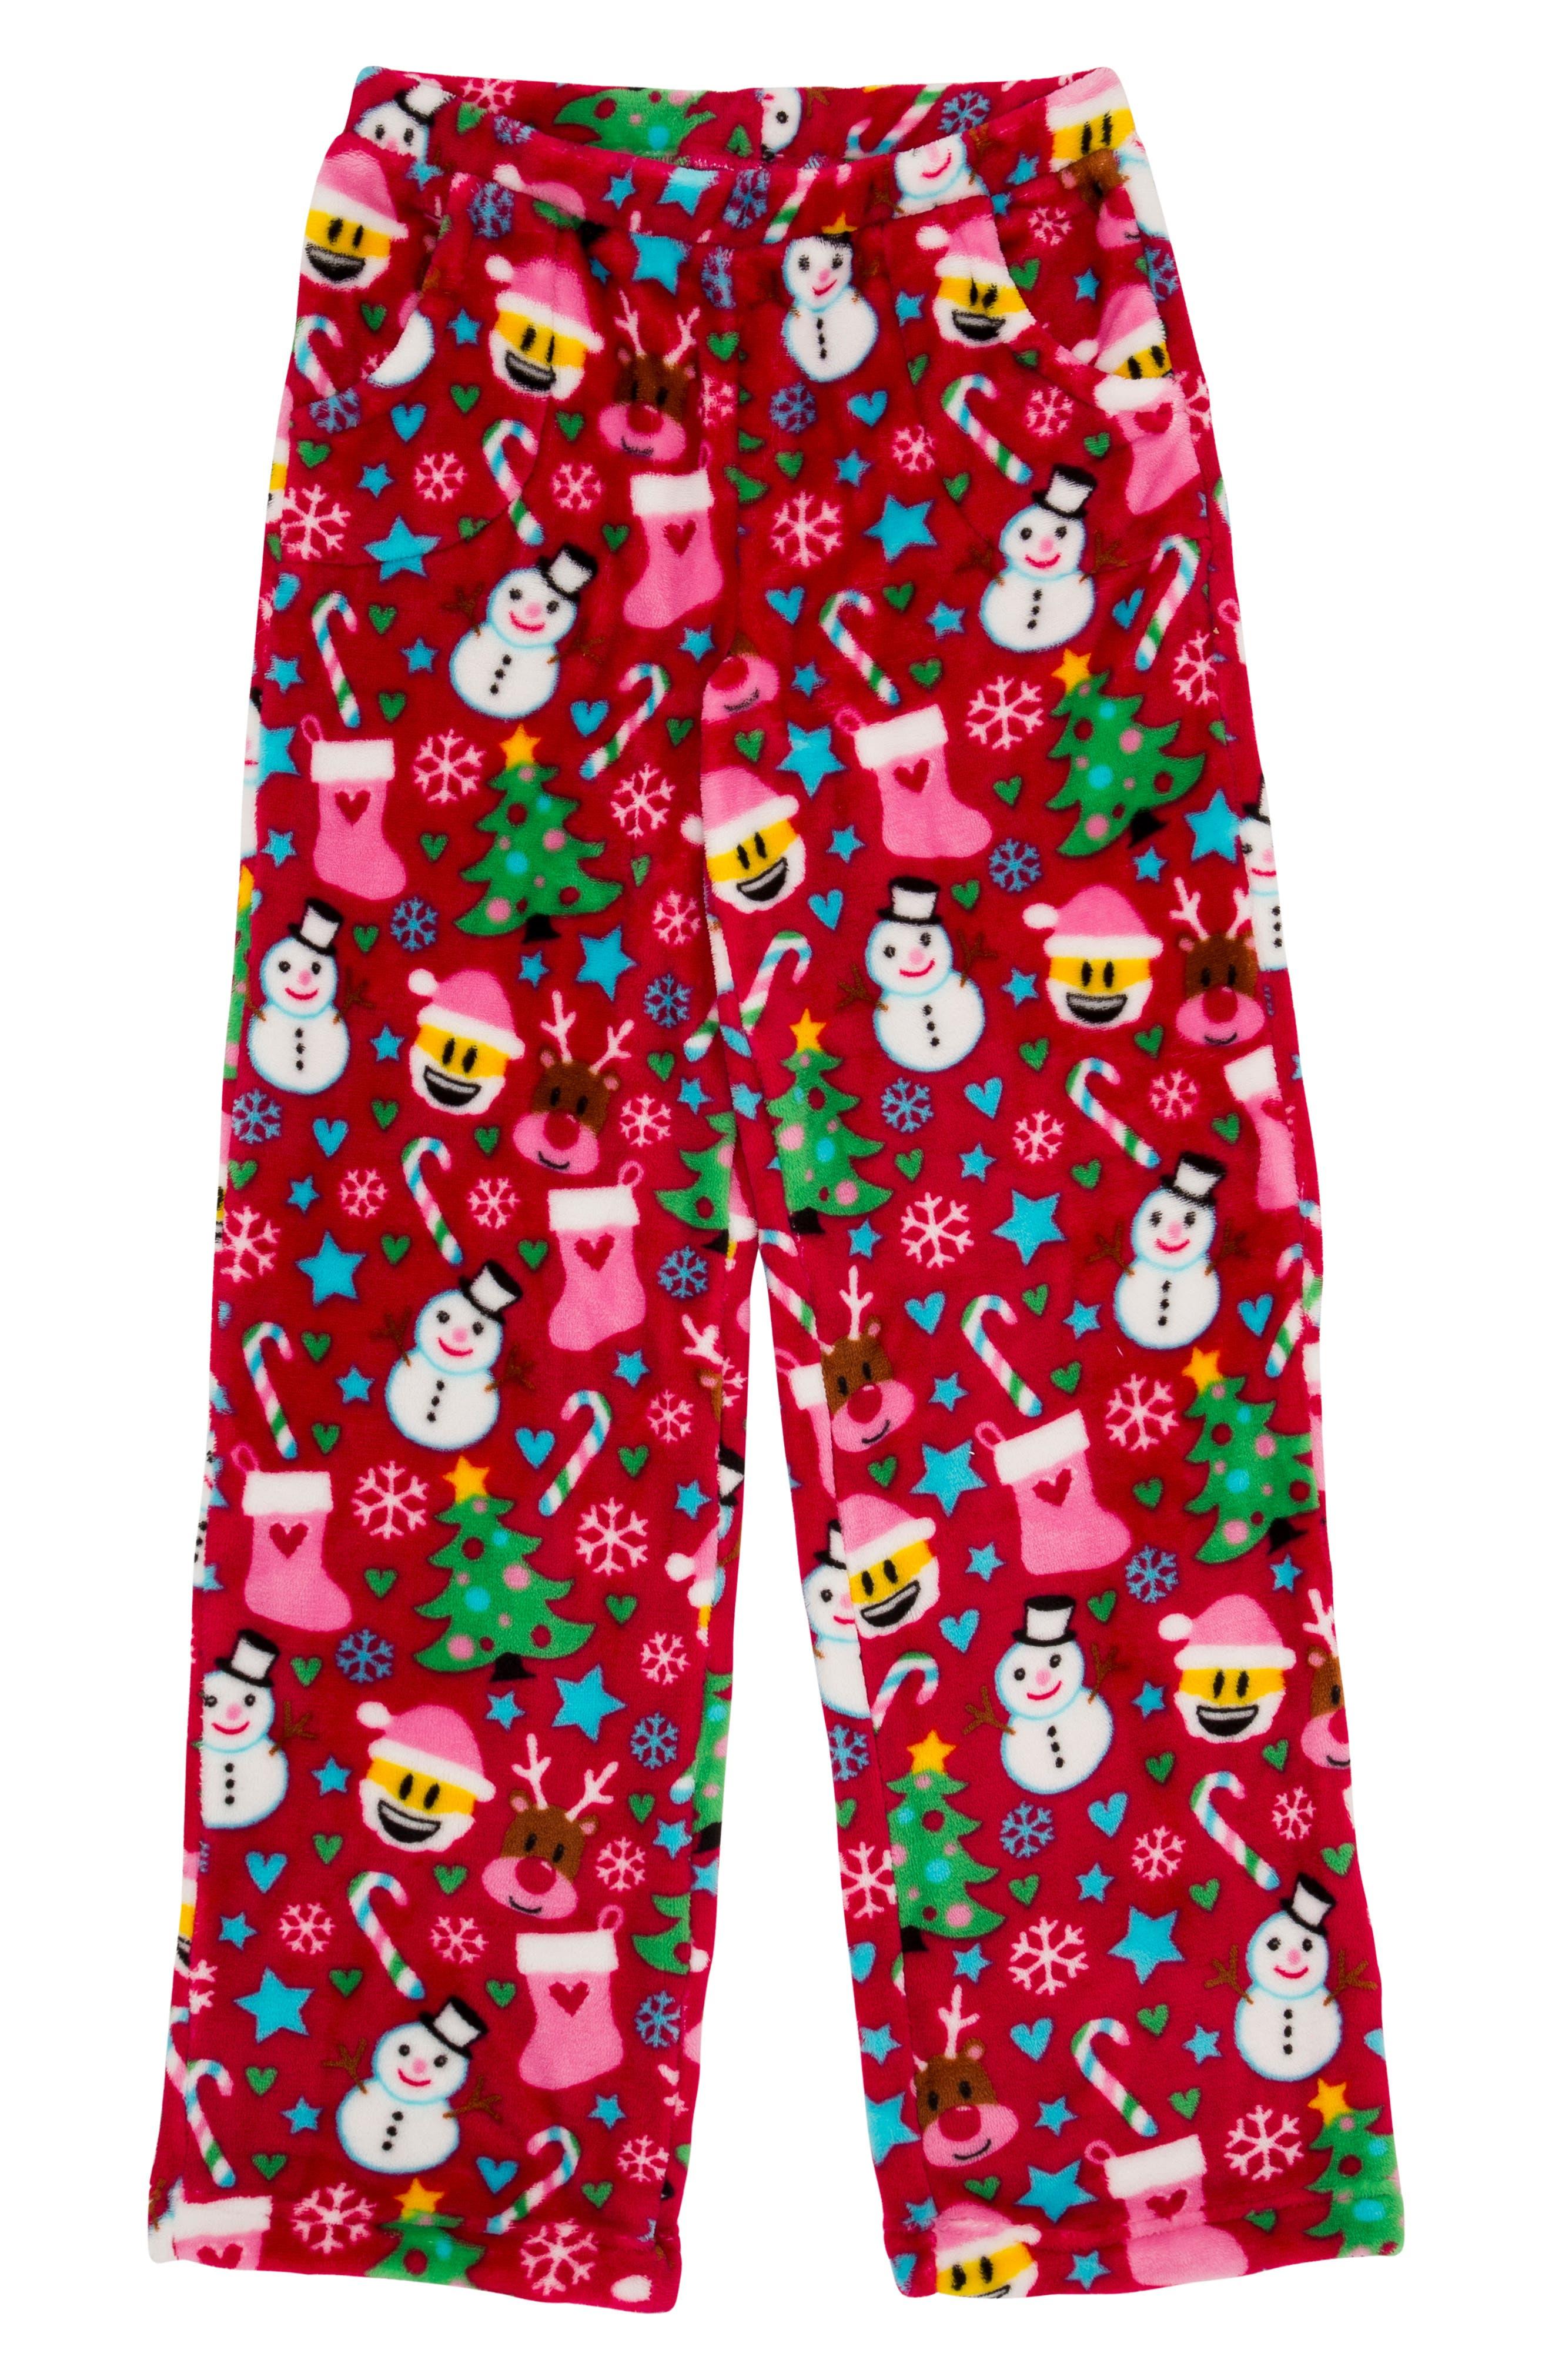 Holiday Fleece Pajama Pants, Main, color, 600